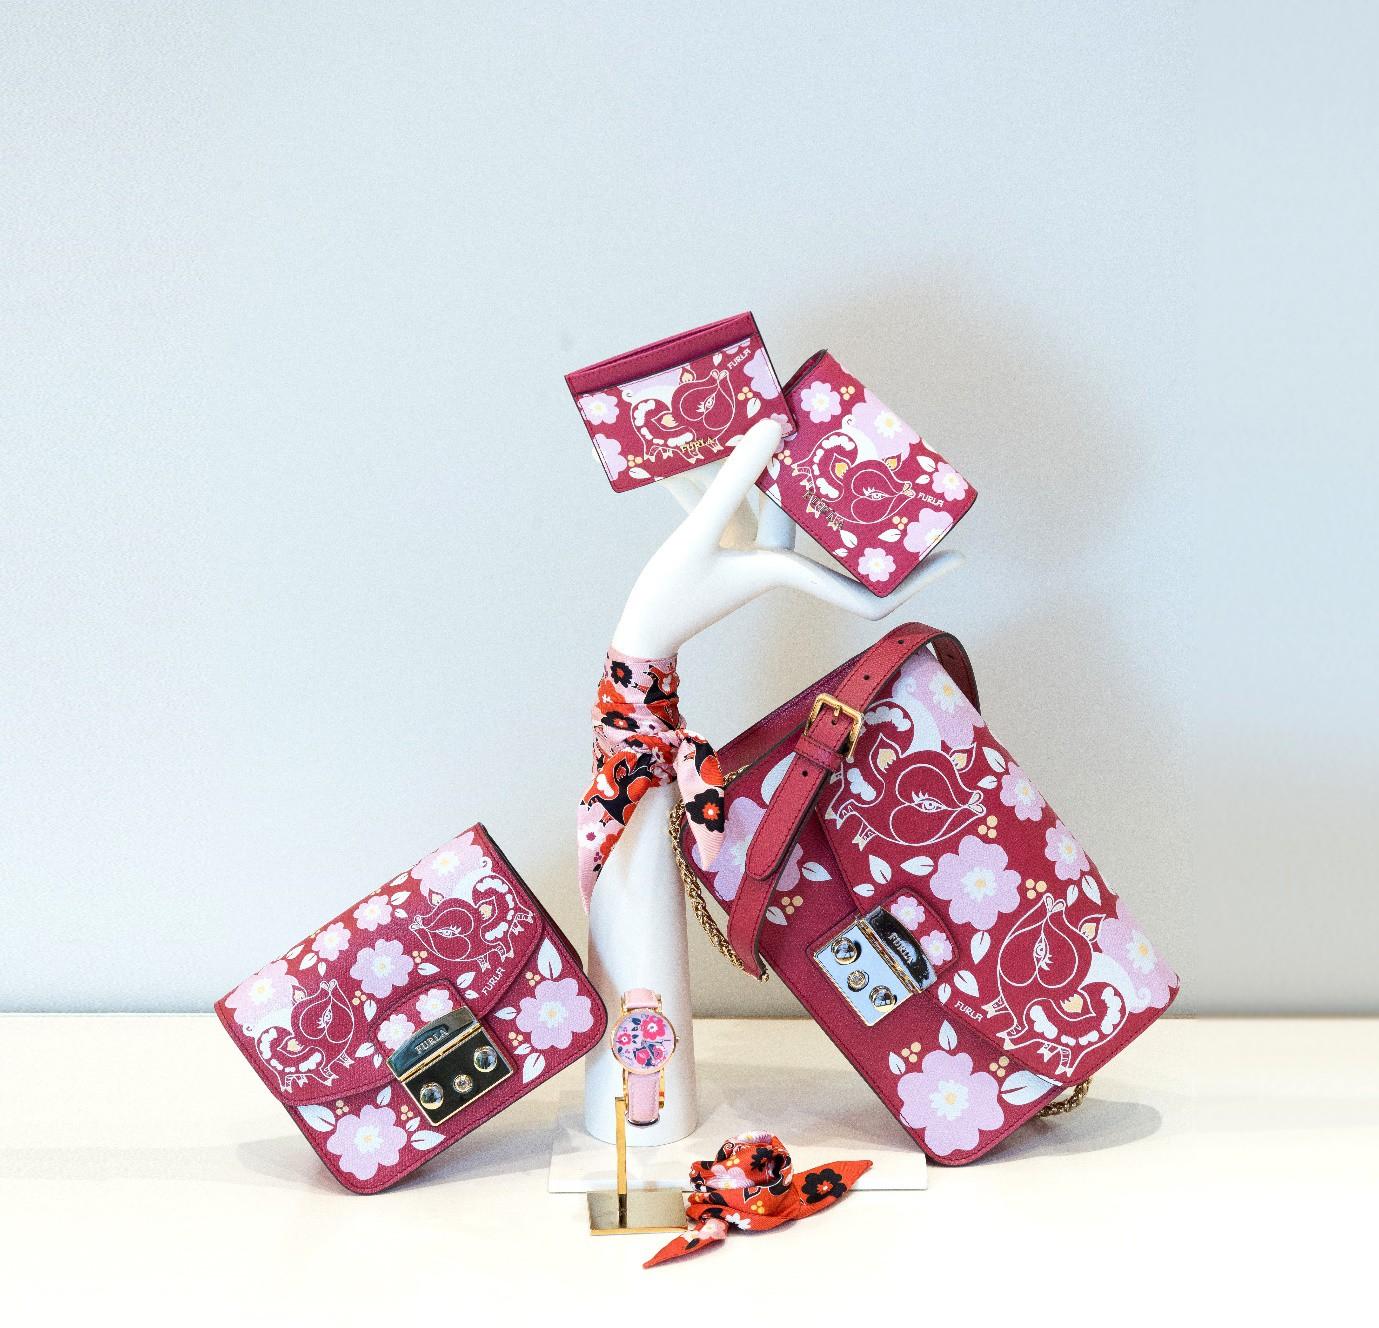 Săn sale cực đã, giảm giá lên đến 50% từ thương hiệu túi xách Furla - Ảnh 8.